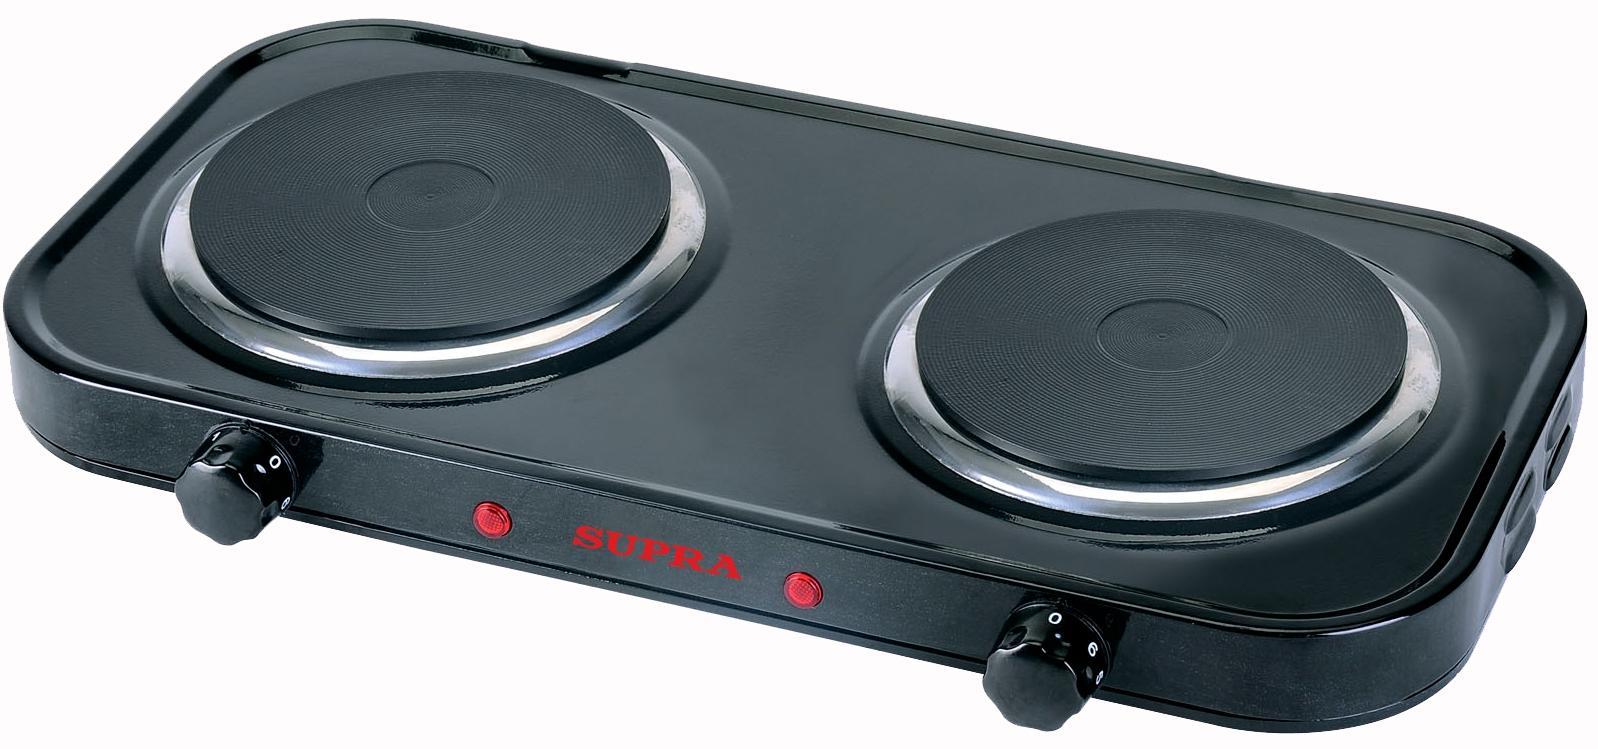 Электрическая плита Supra HS-201 blackНастольные плиты<br><br><br>Бренд: Supra<br>Управление: механическое<br>Рабочая поверхность: эмаль<br>Варочная панель: электрическая<br>Количество конфорок: 2<br>Гарантия производителя: да